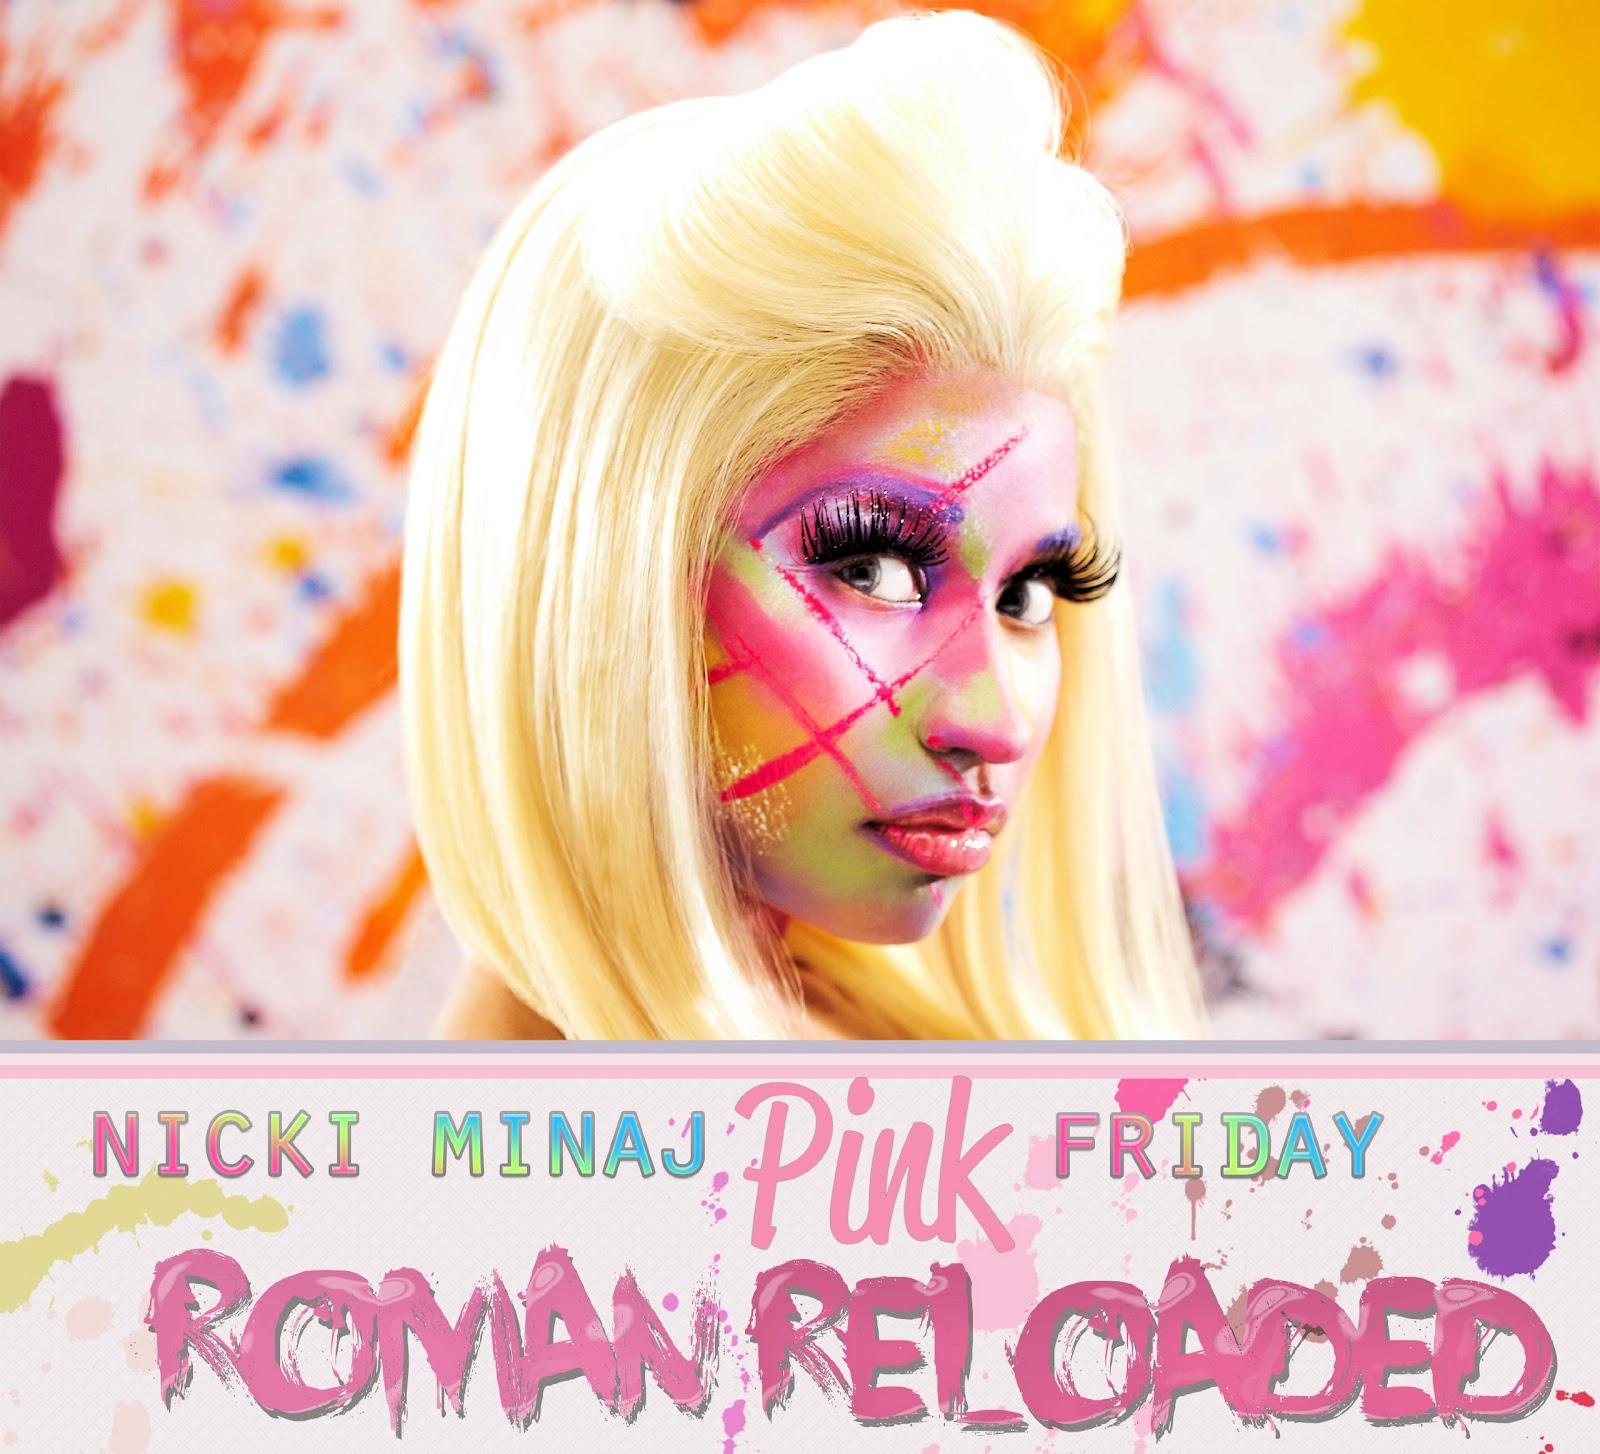 http://3.bp.blogspot.com/-0GwUl7Ats48/T1qKNj8LhbI/AAAAAAAAAxs/PSYuZlm1aOU/s1600/Nicki+Minaj+Pink+Frida+Roman+Reloaded+Standard.jpg